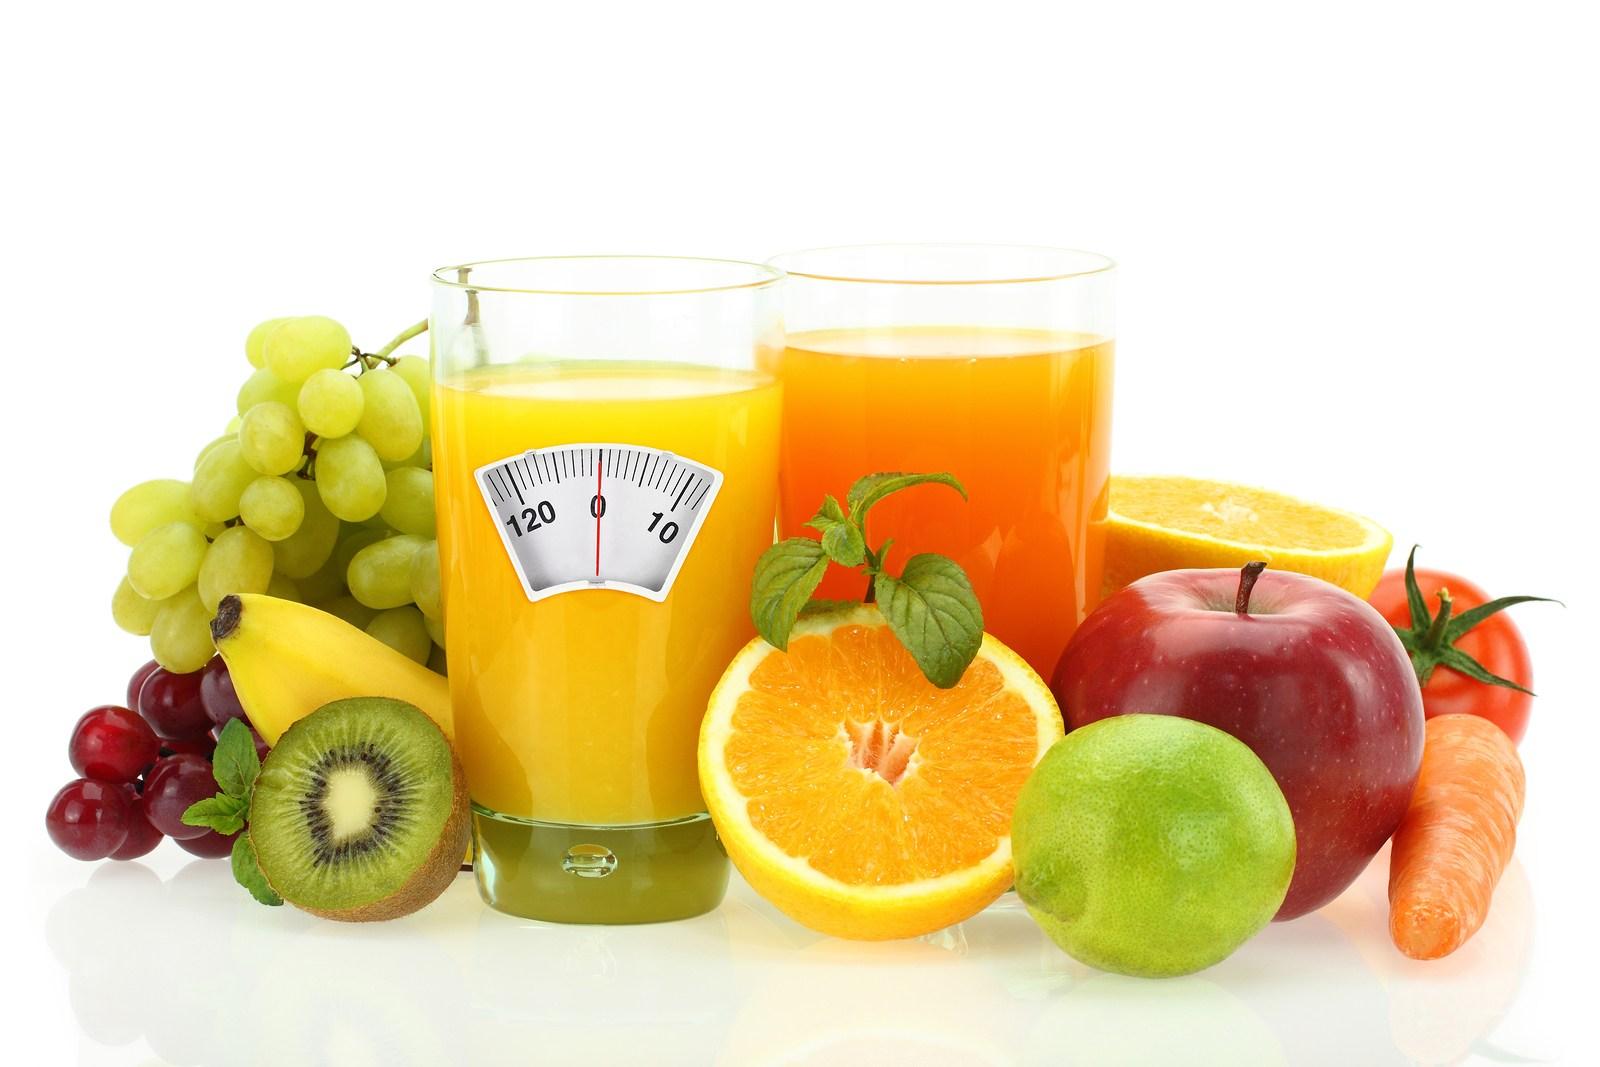 एक हफ्ते में 5 किलो वजन कम करने का डाइट प्लान